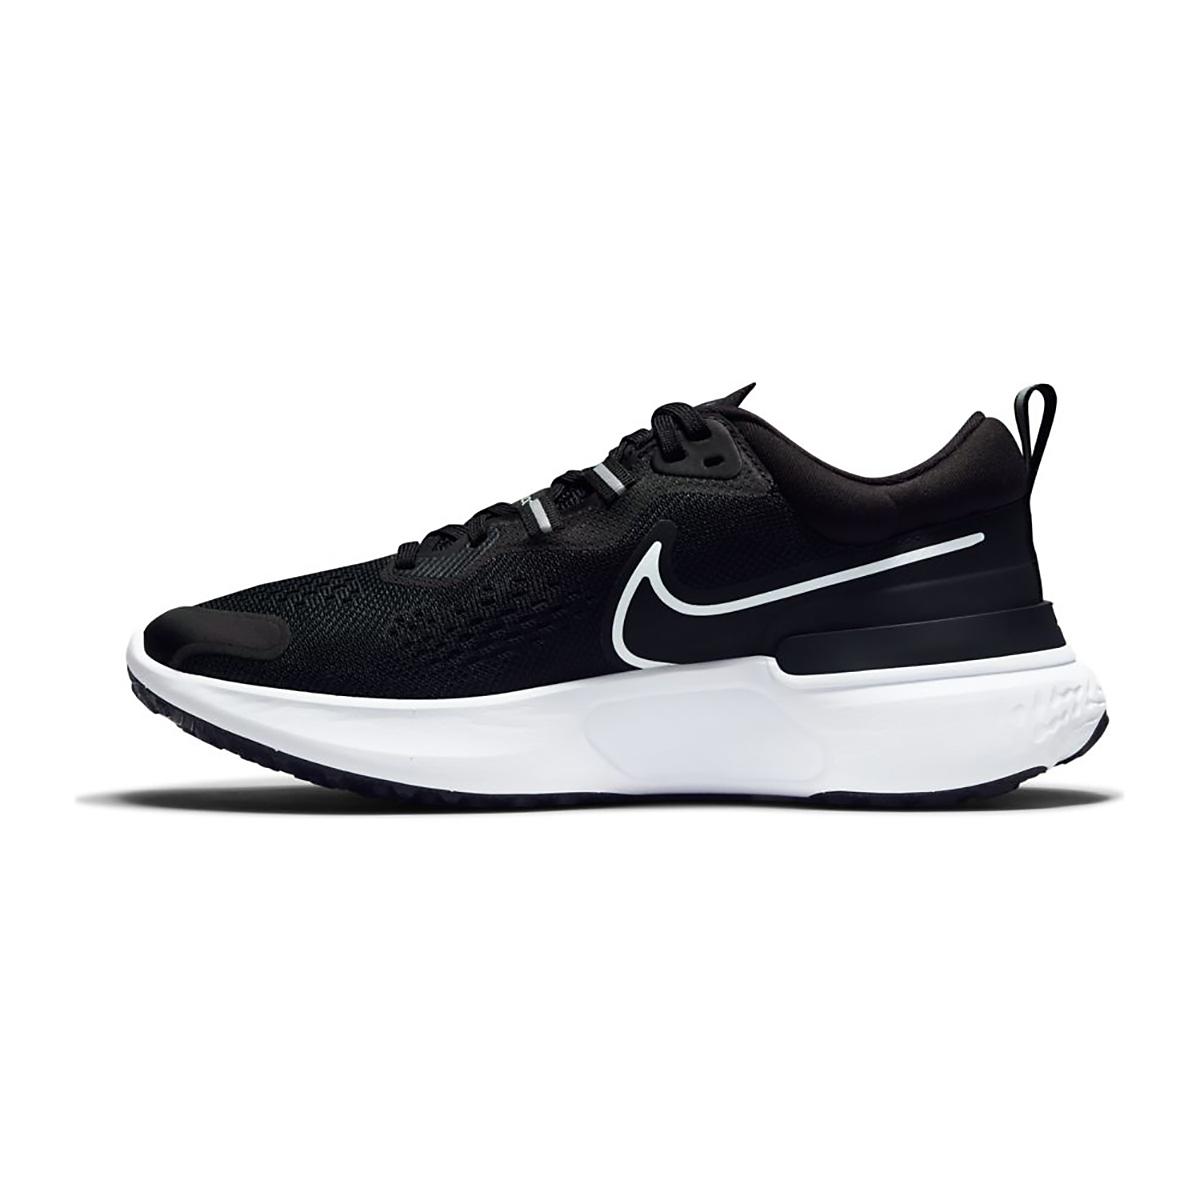 Women's Nike React Miler 2 Running Shoe - Color: Black/White/Smoke Grey - Size: 5.5 - Width: Regular, Black/White/Smoke Grey, large, image 2